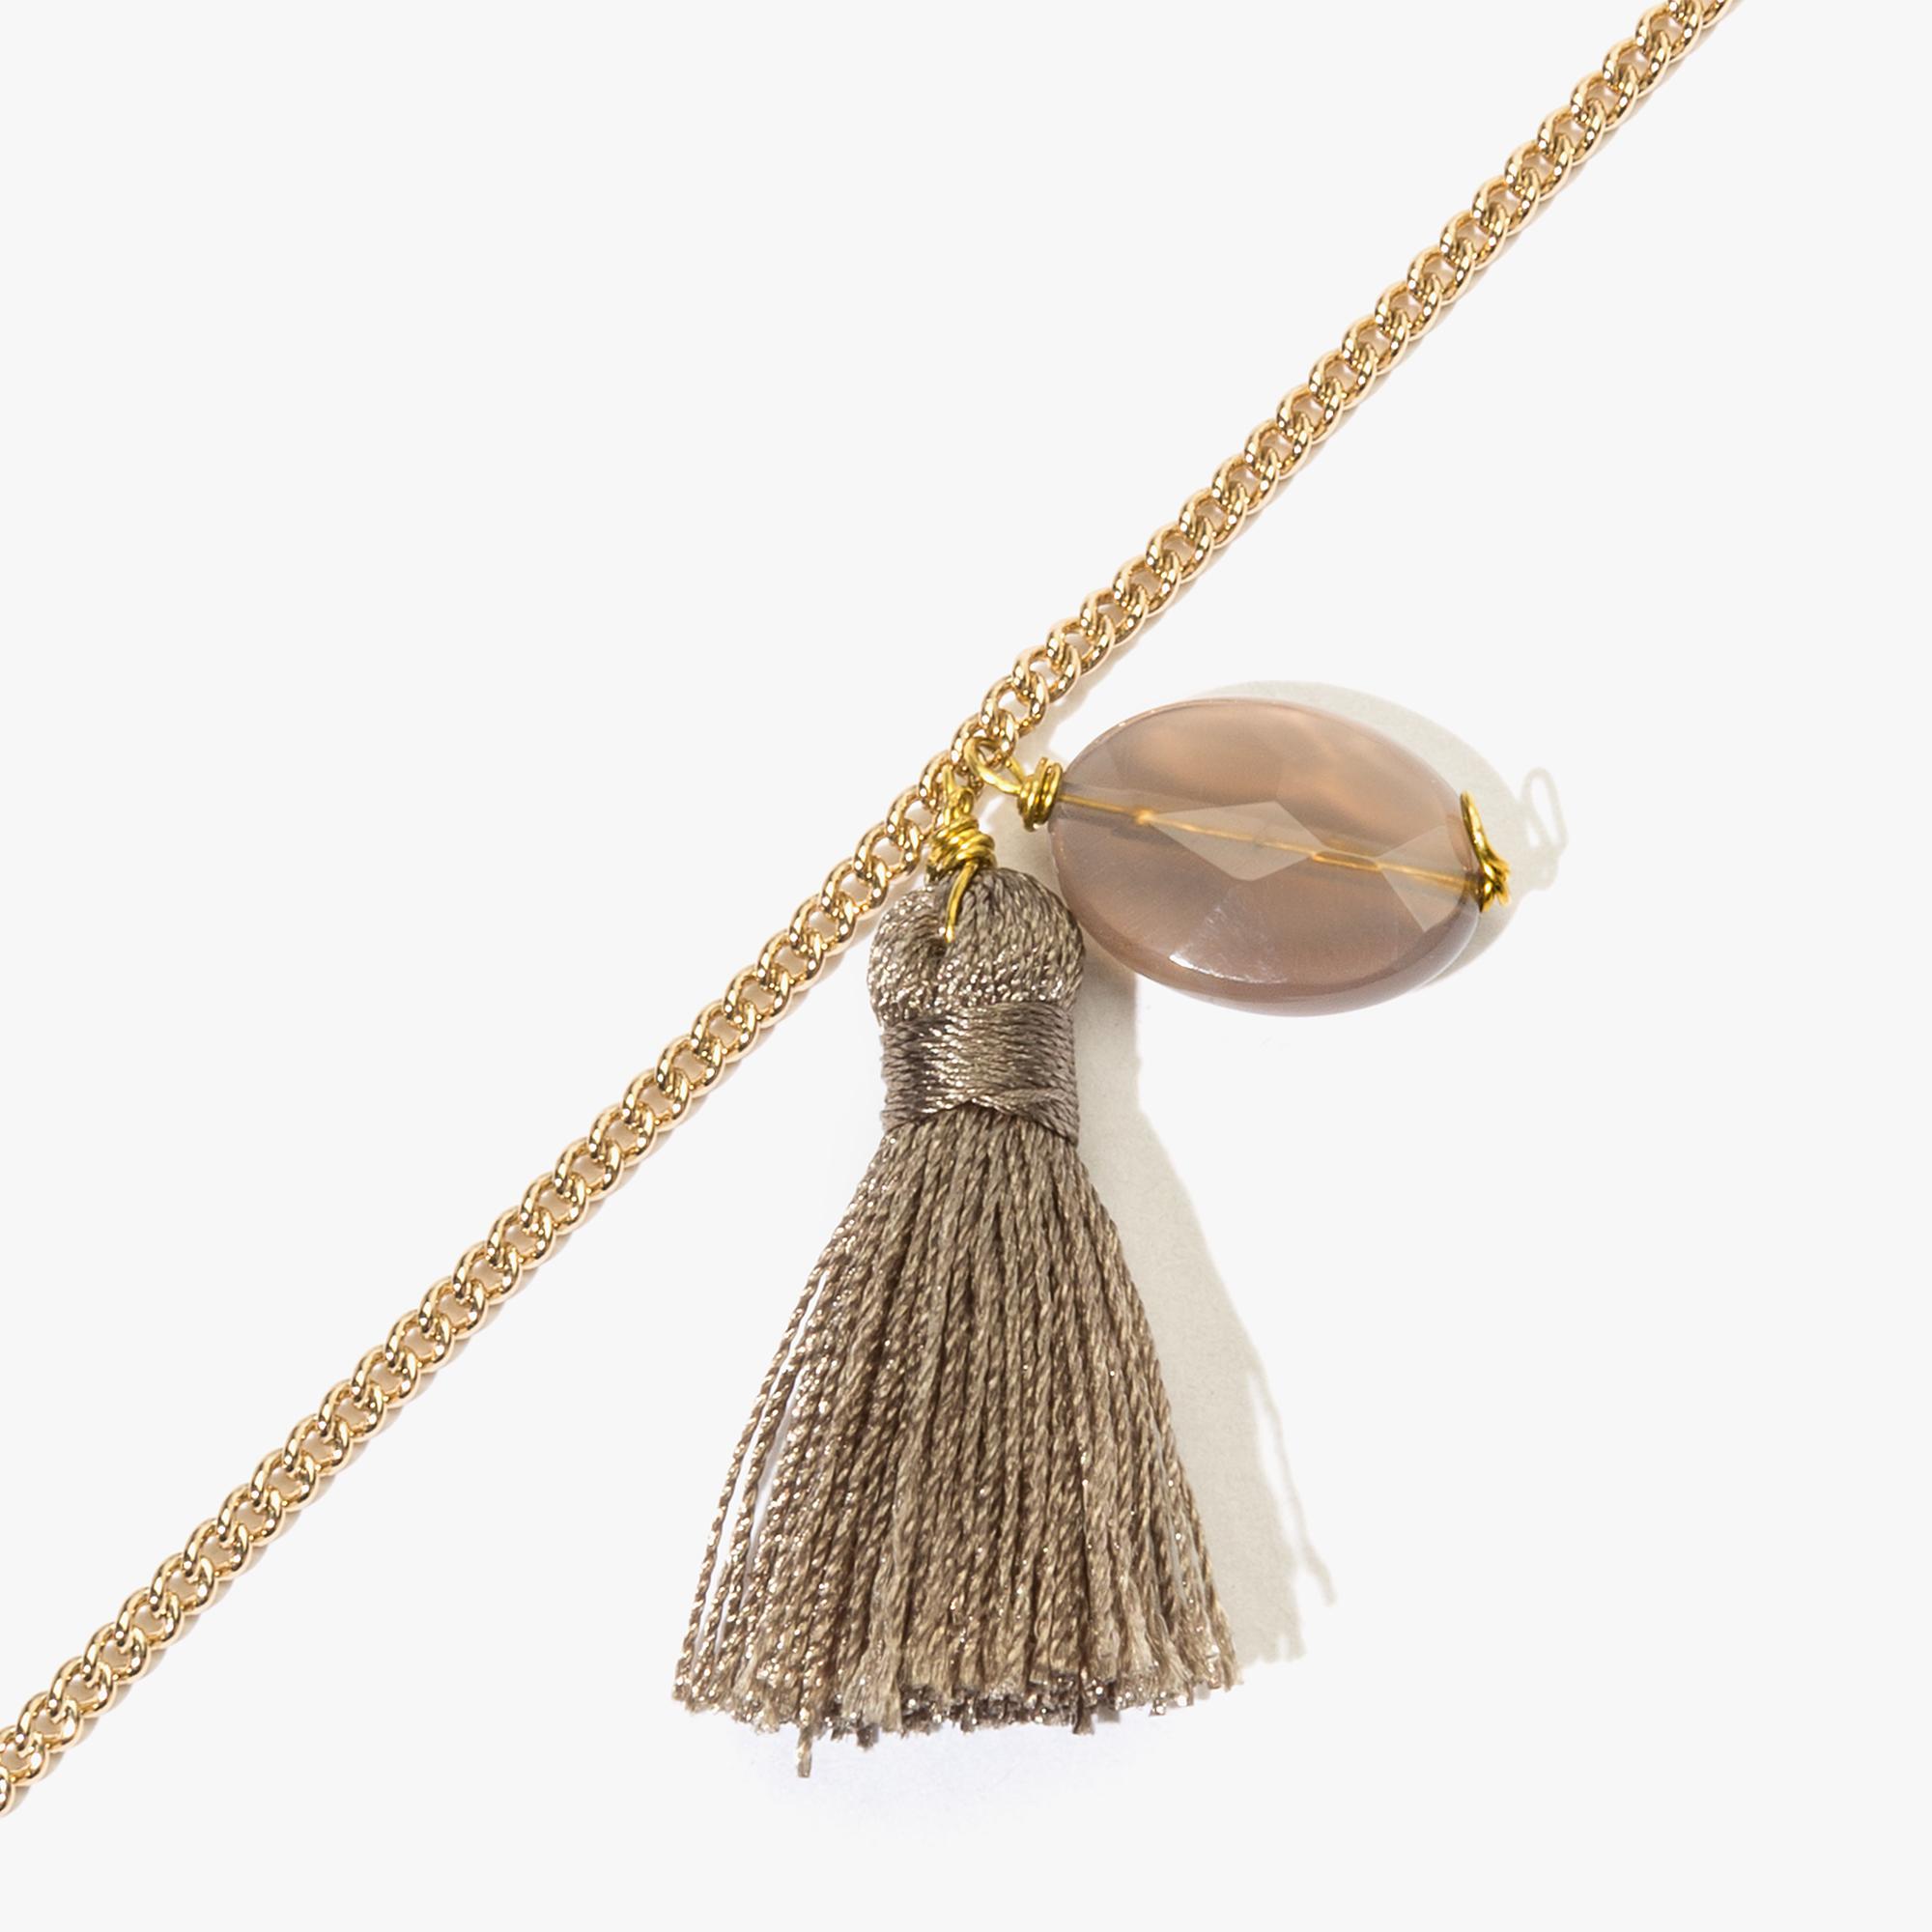 Sliver and crystal bracelet